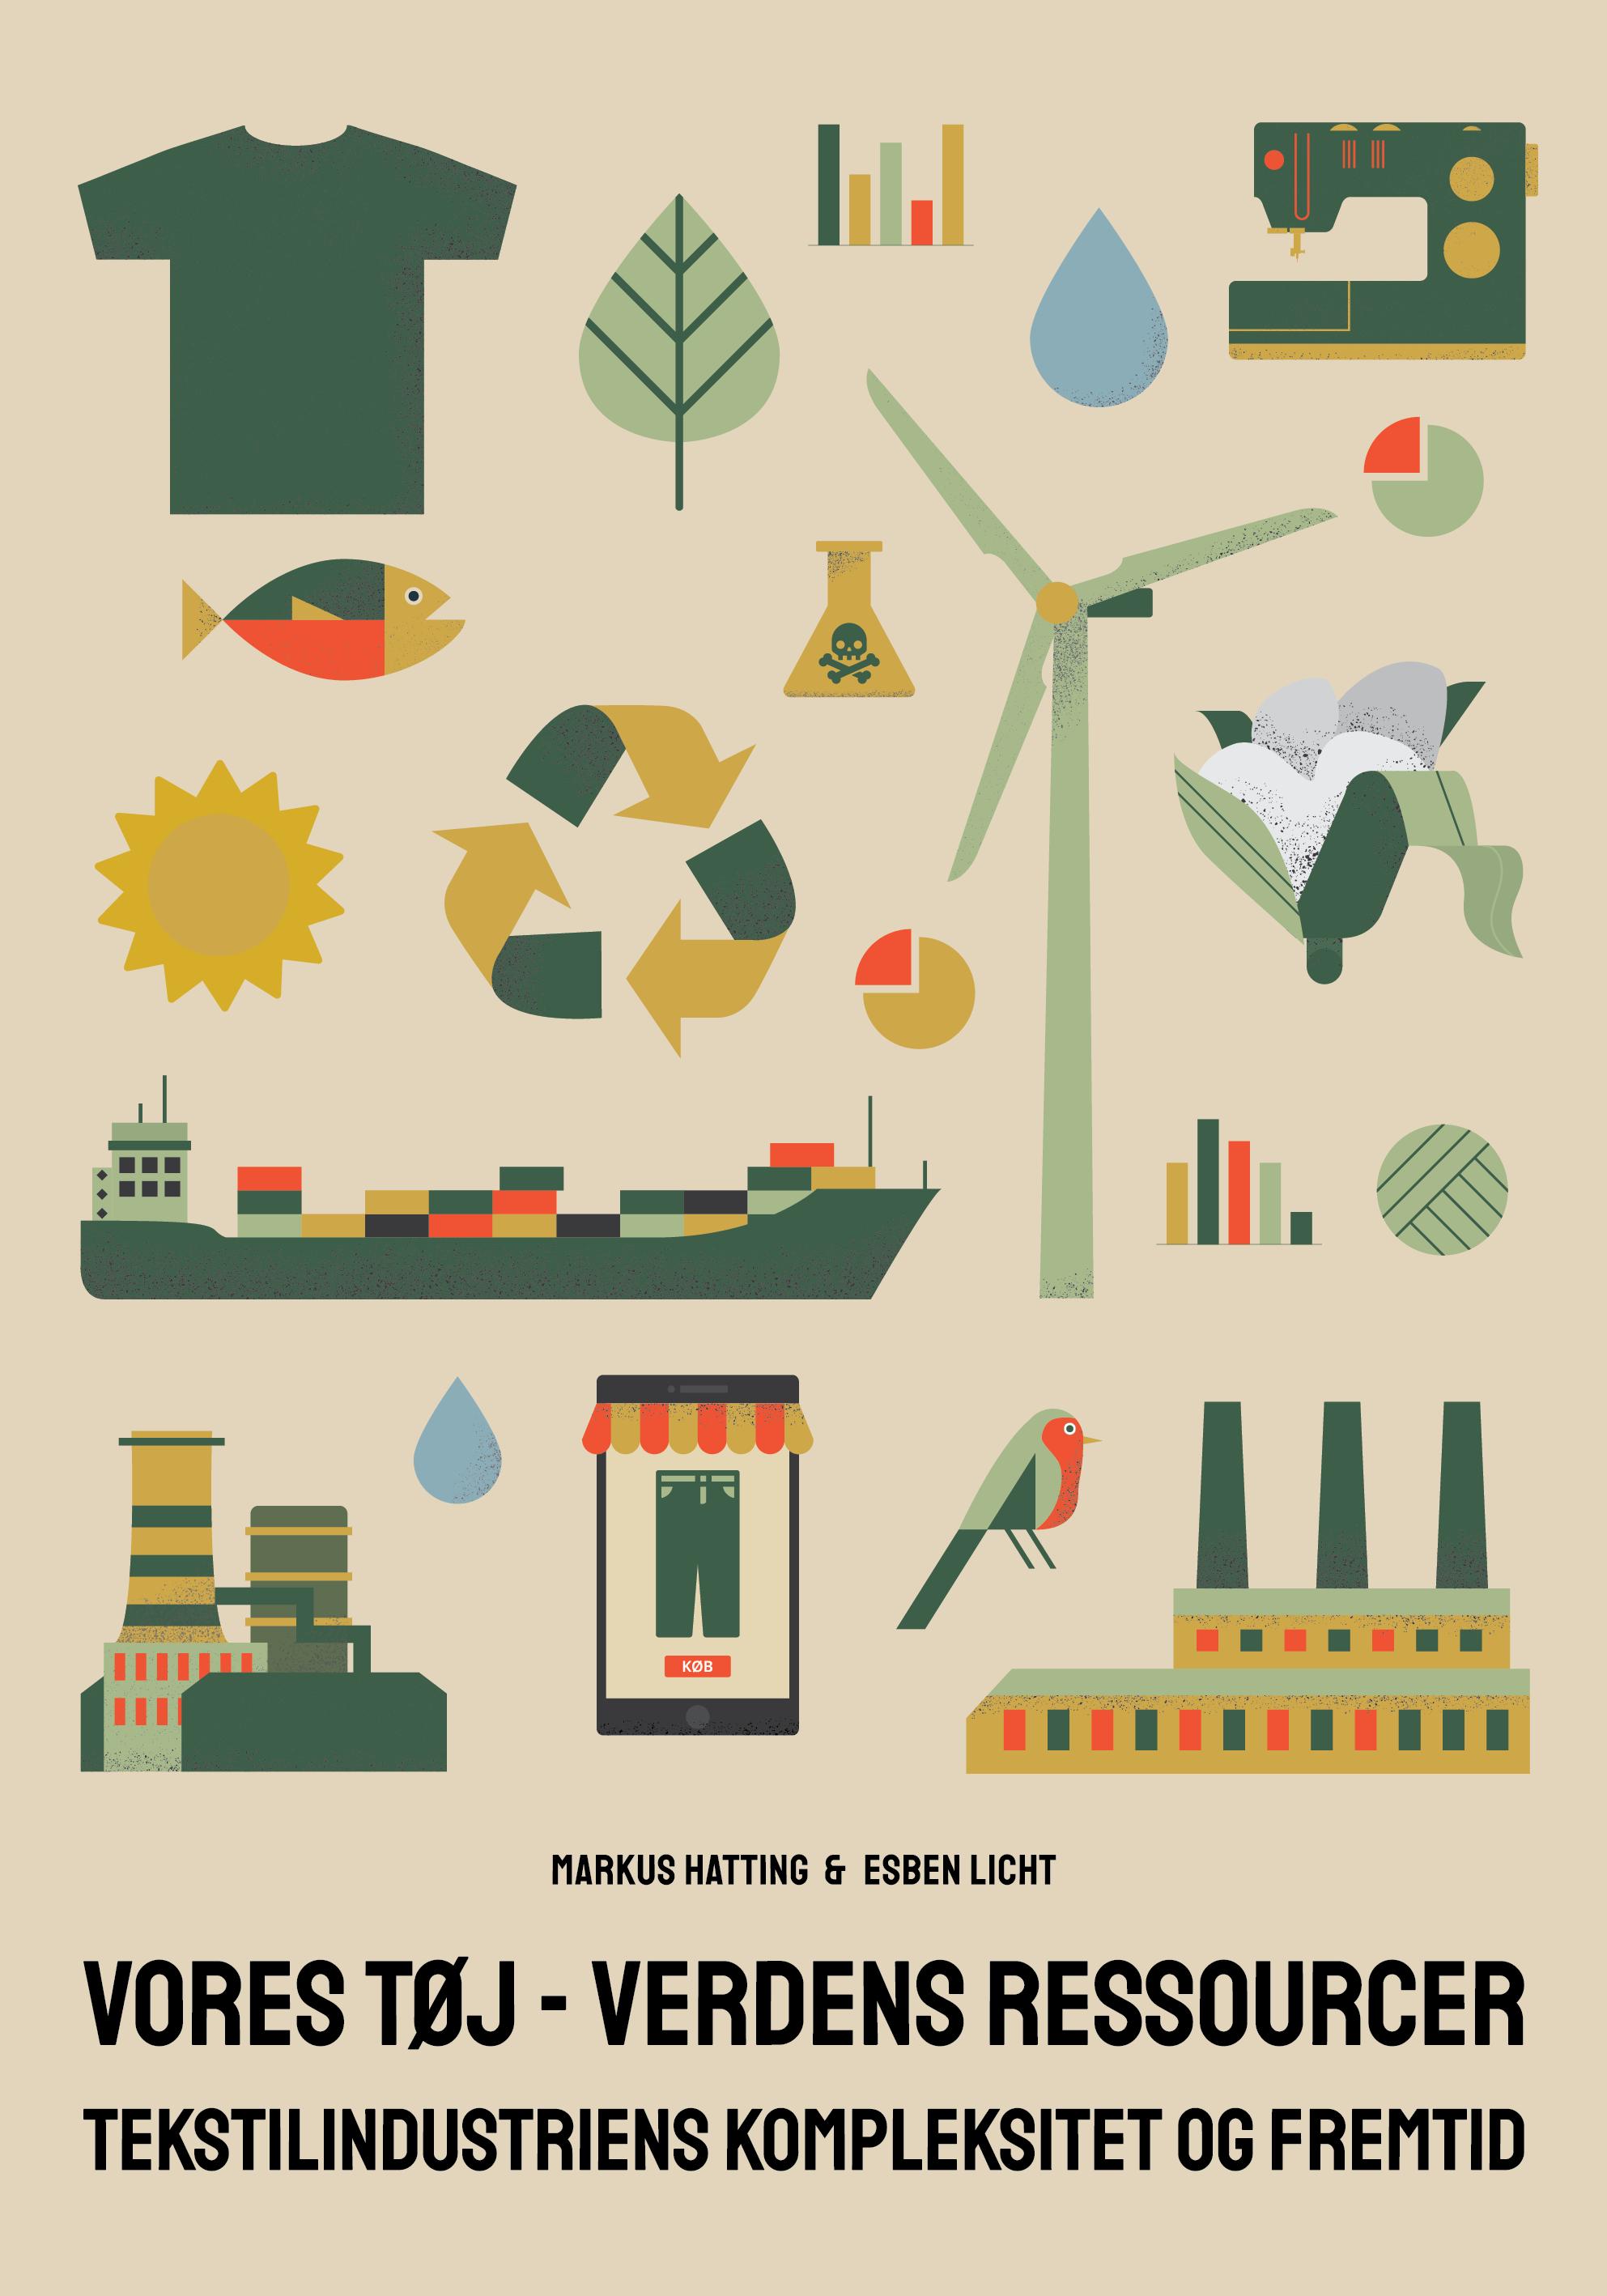 Plakat Vores Tøj - Verdens Ressourcer - Tekstilrevolutionen